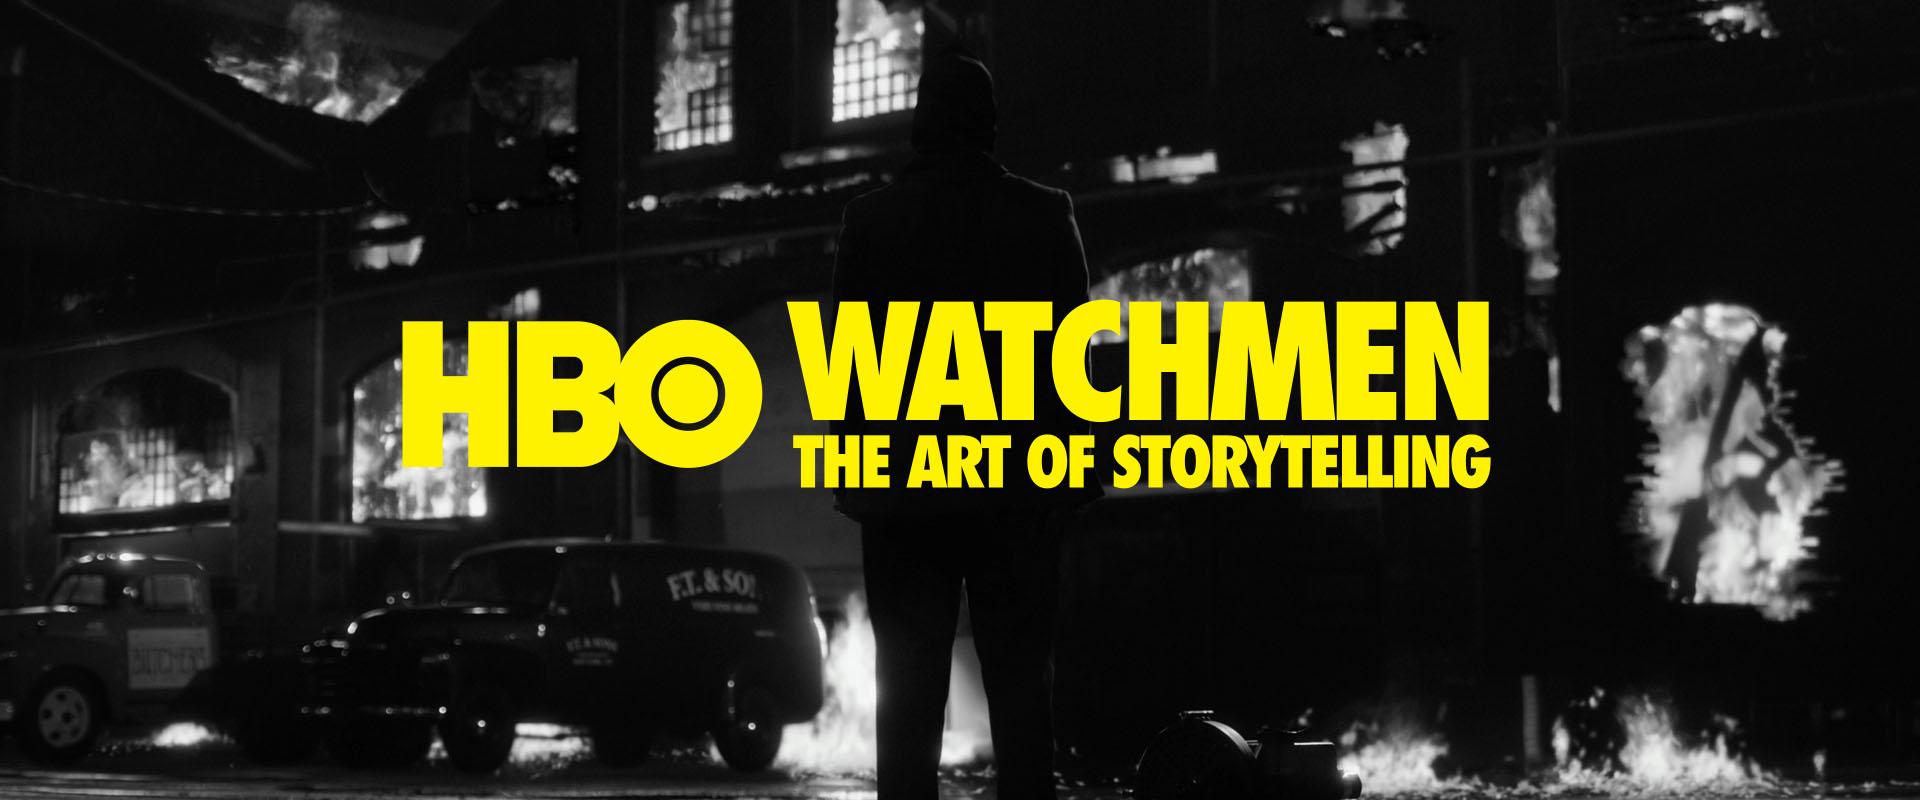 hbo watchmen thumbnail